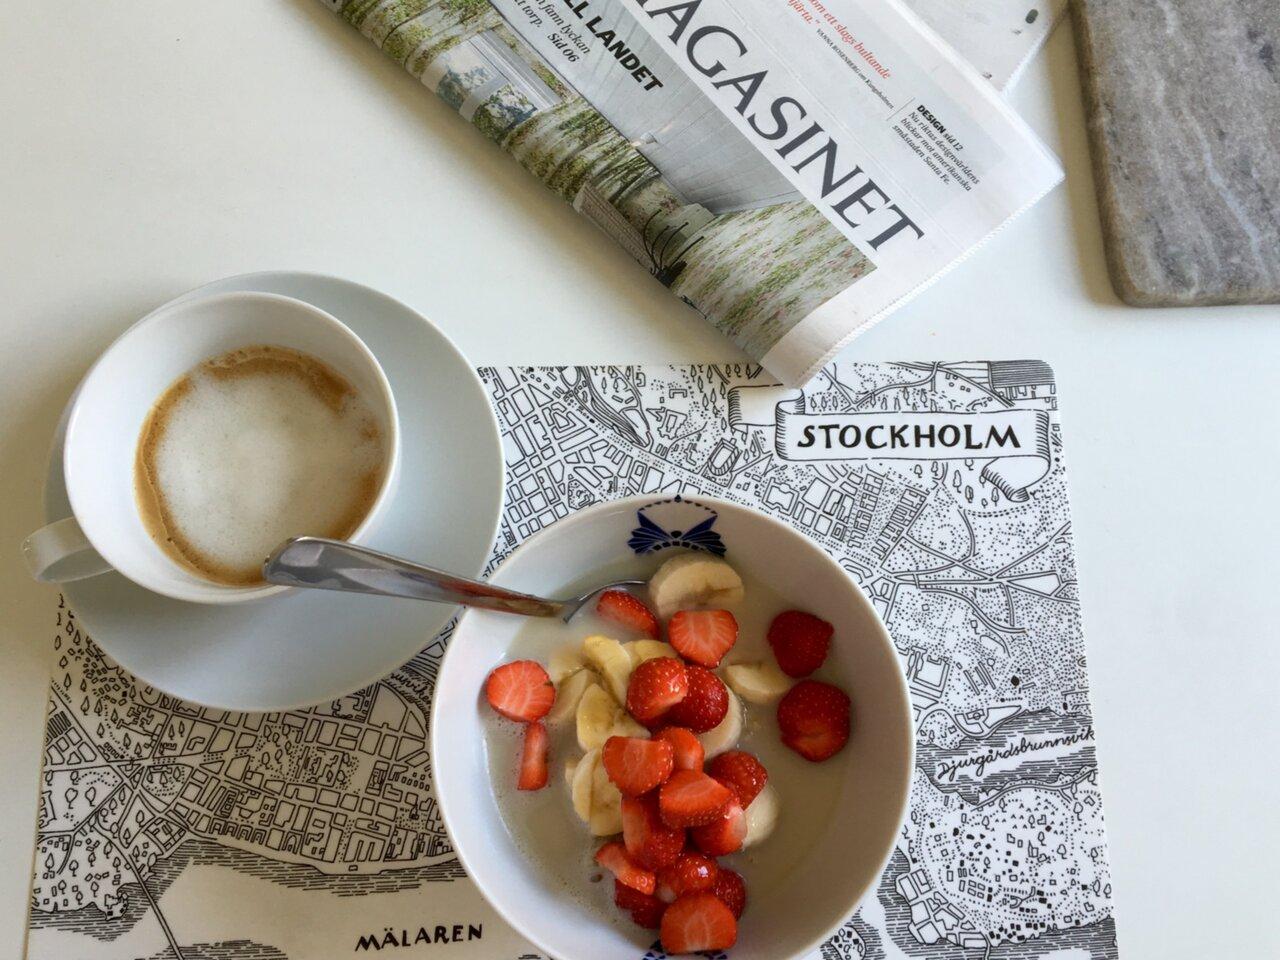 Ont i magen av jordgubbar